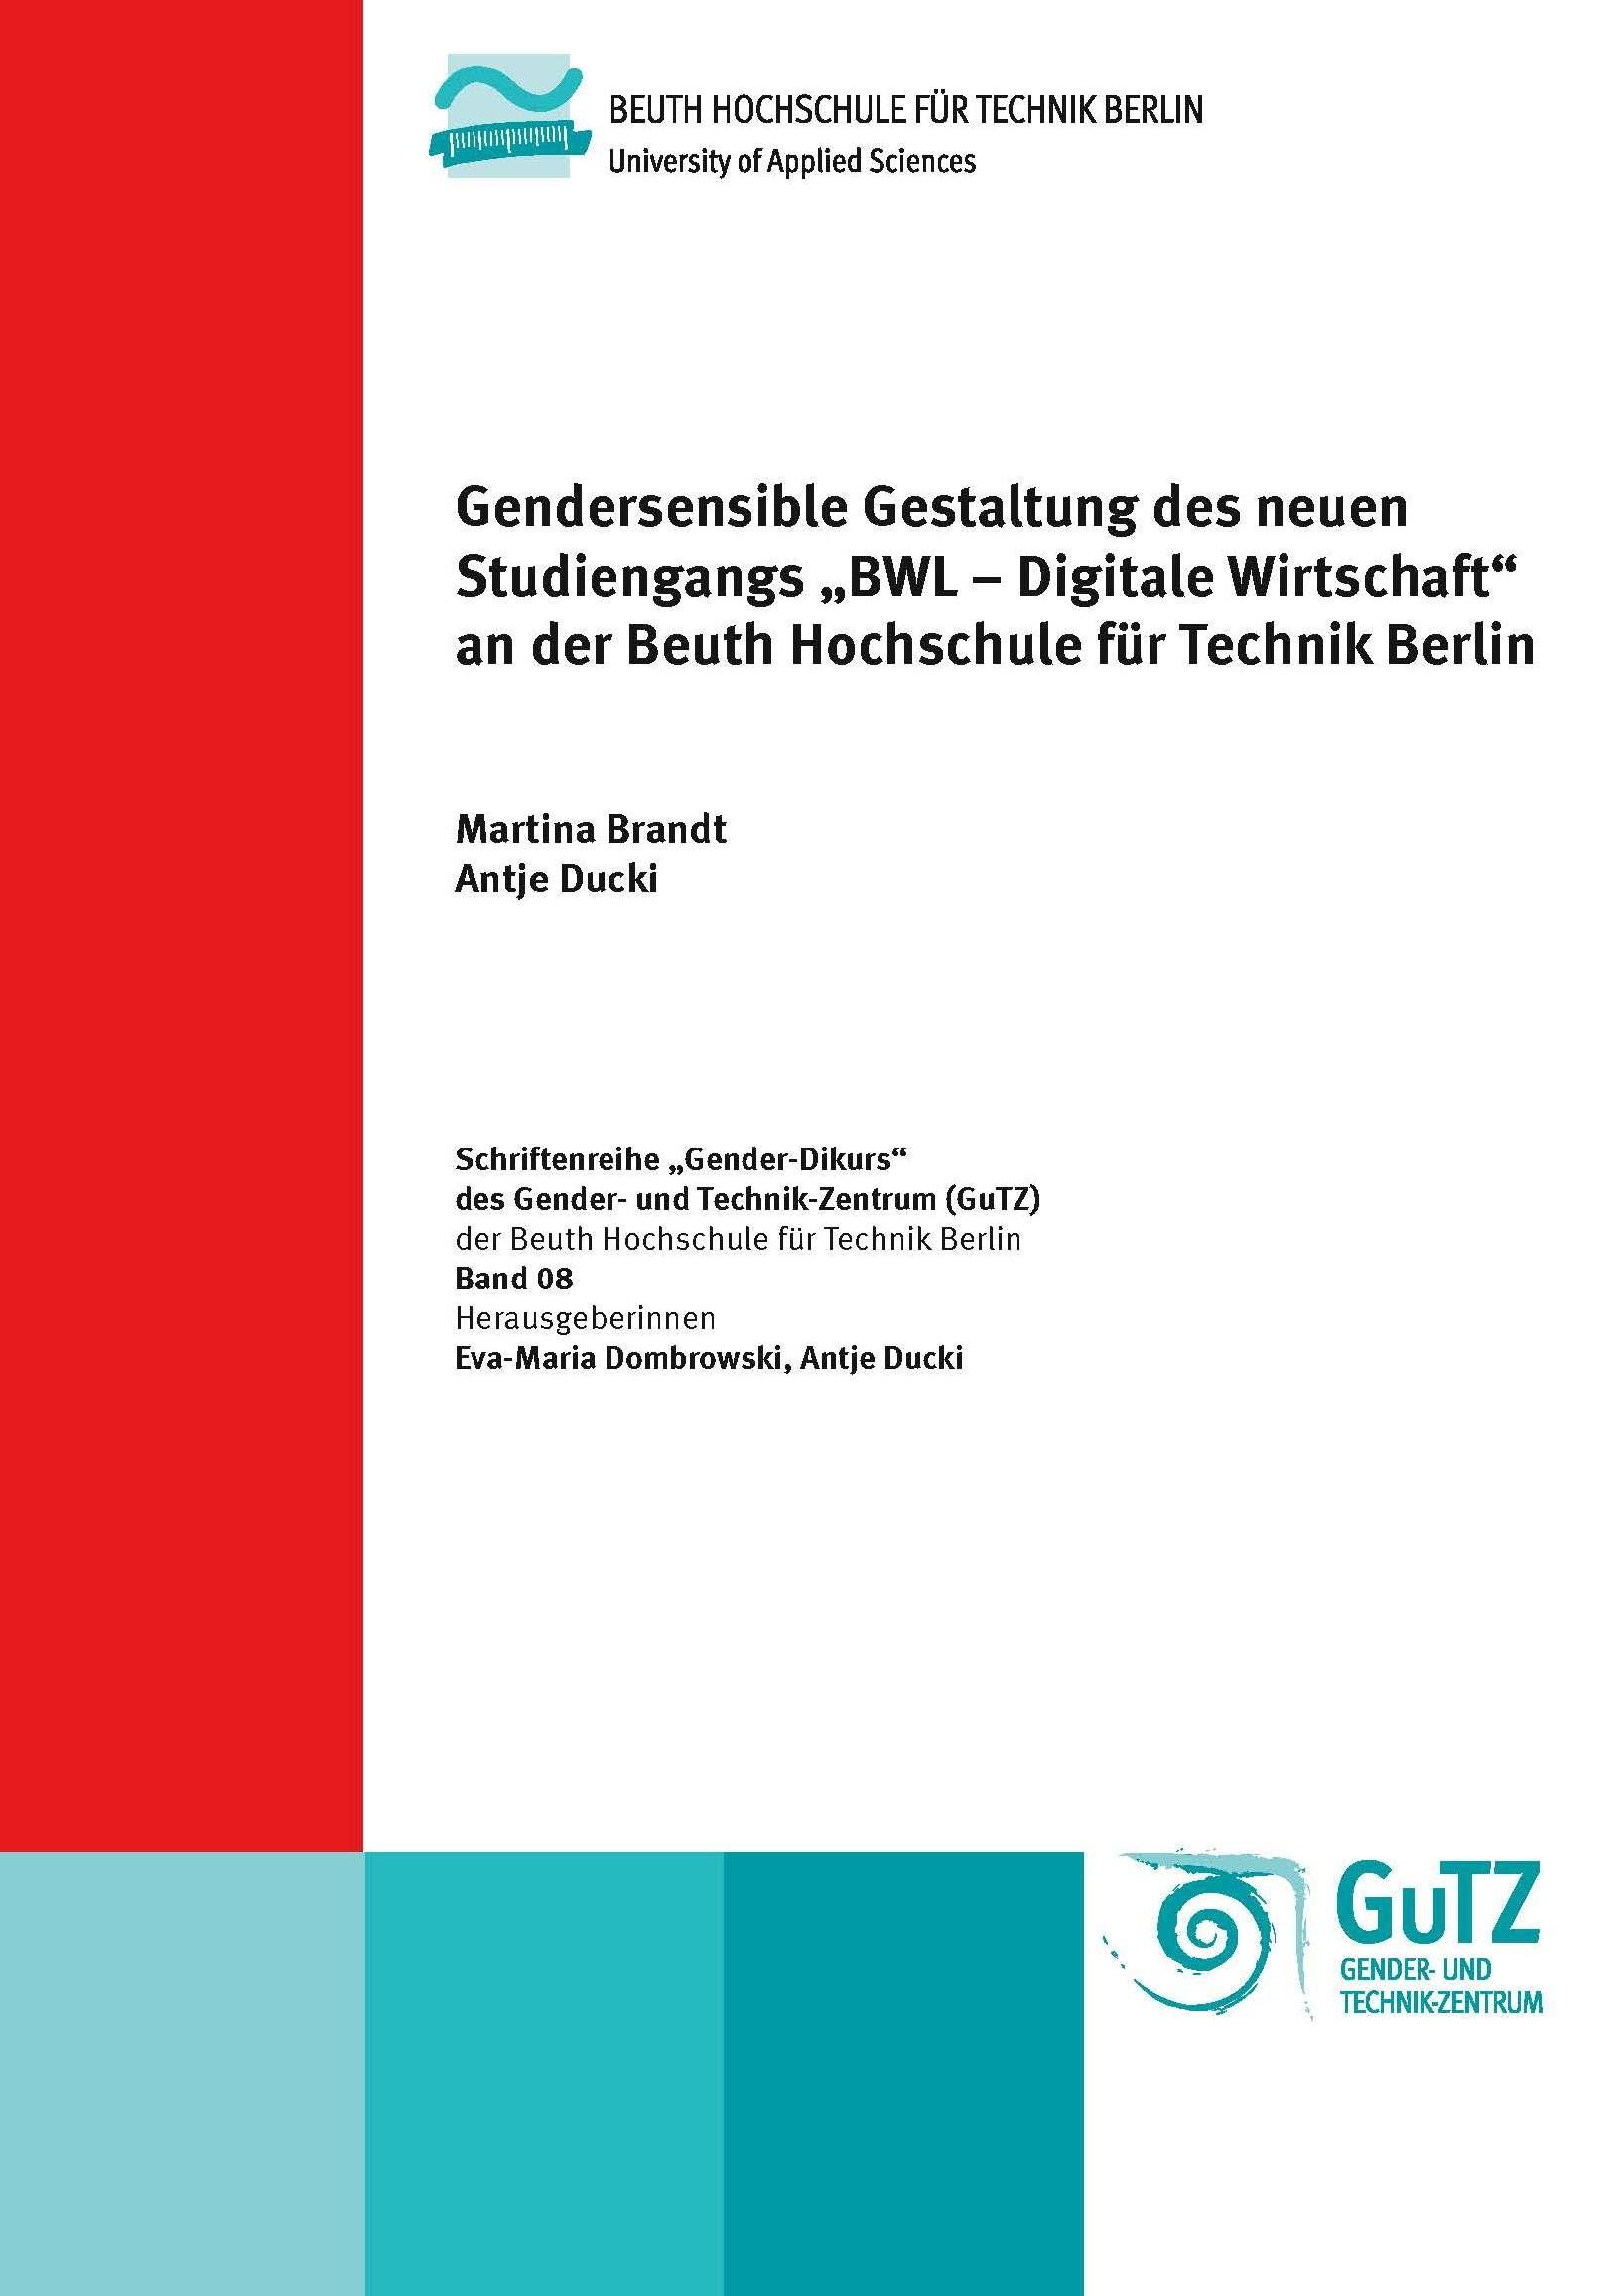 """Gendersensible Gestaltung des neuen Studiengangs """"BWL – Digitale Wirtschaft"""" an der Beuth Hochschule für Technik Berlin"""